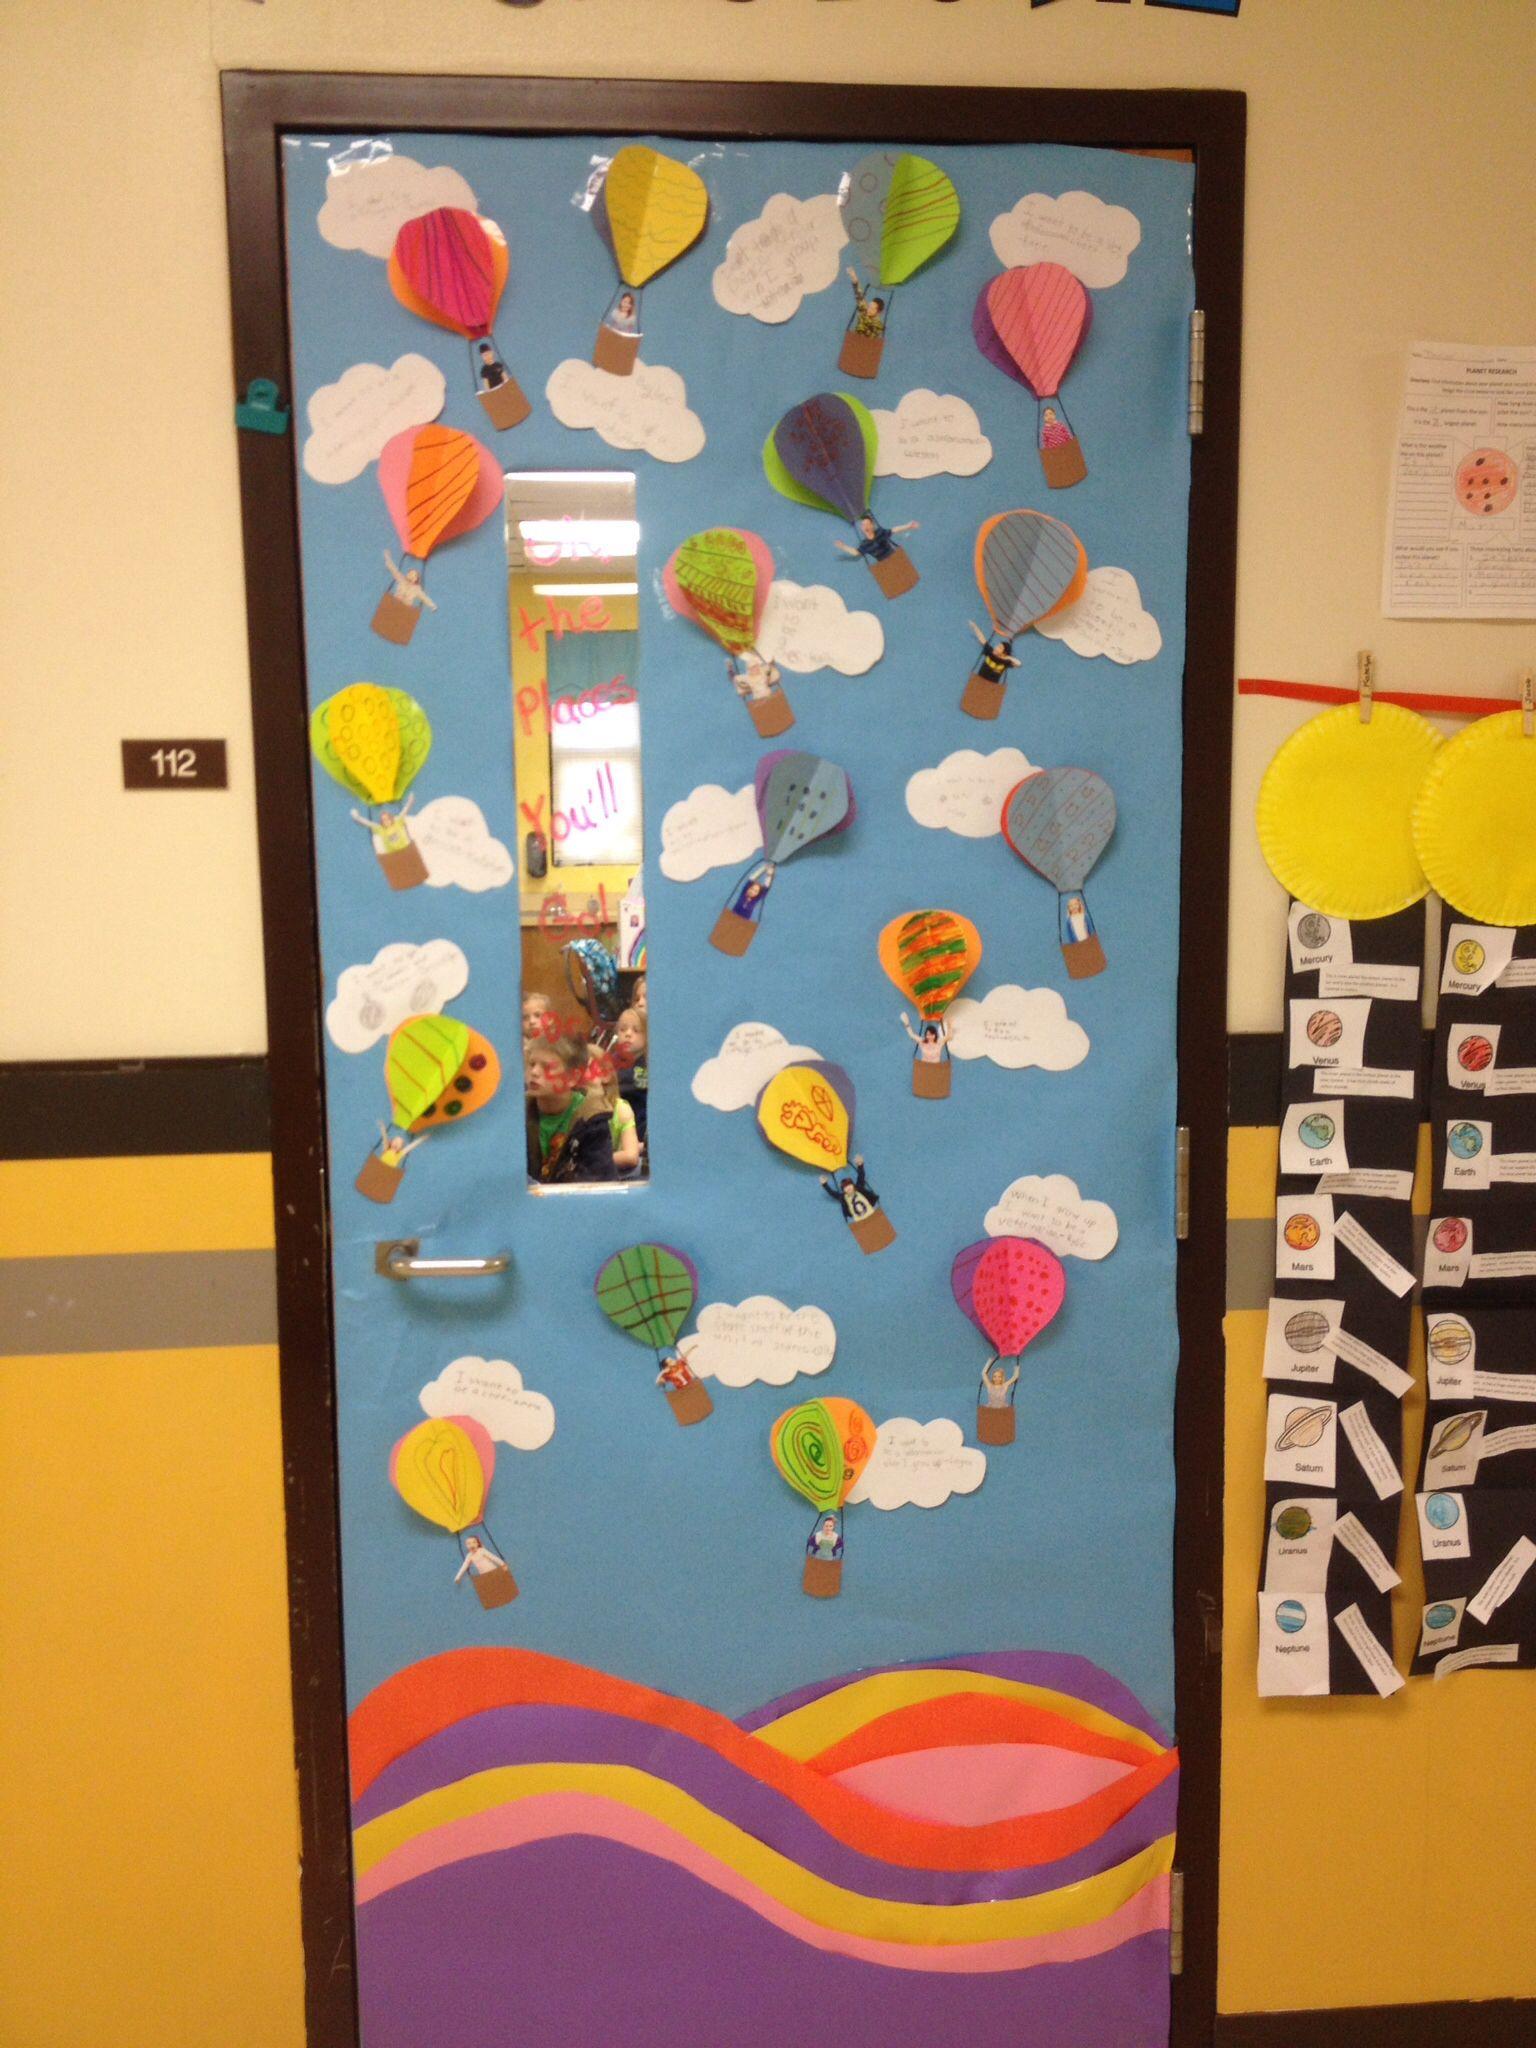 Dr Seuss door decorating contest winner